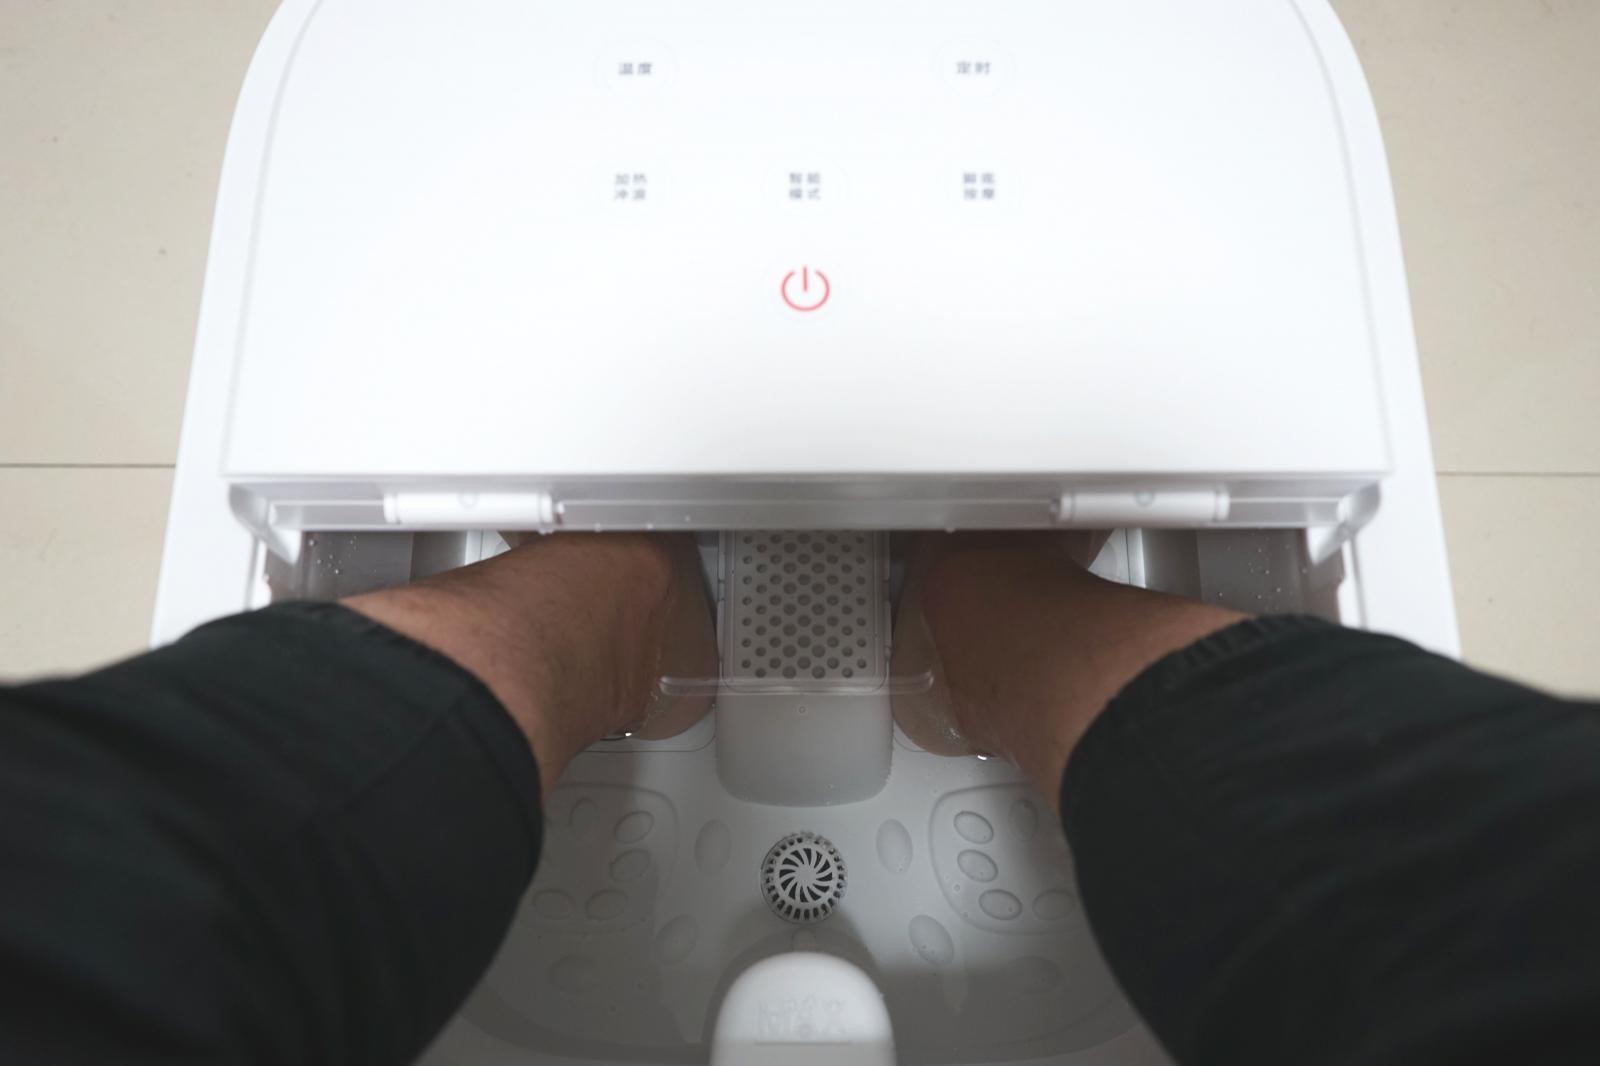 没想到!我也开始了泡脚,小米有品HITH智能足浴器Q1舒服啊